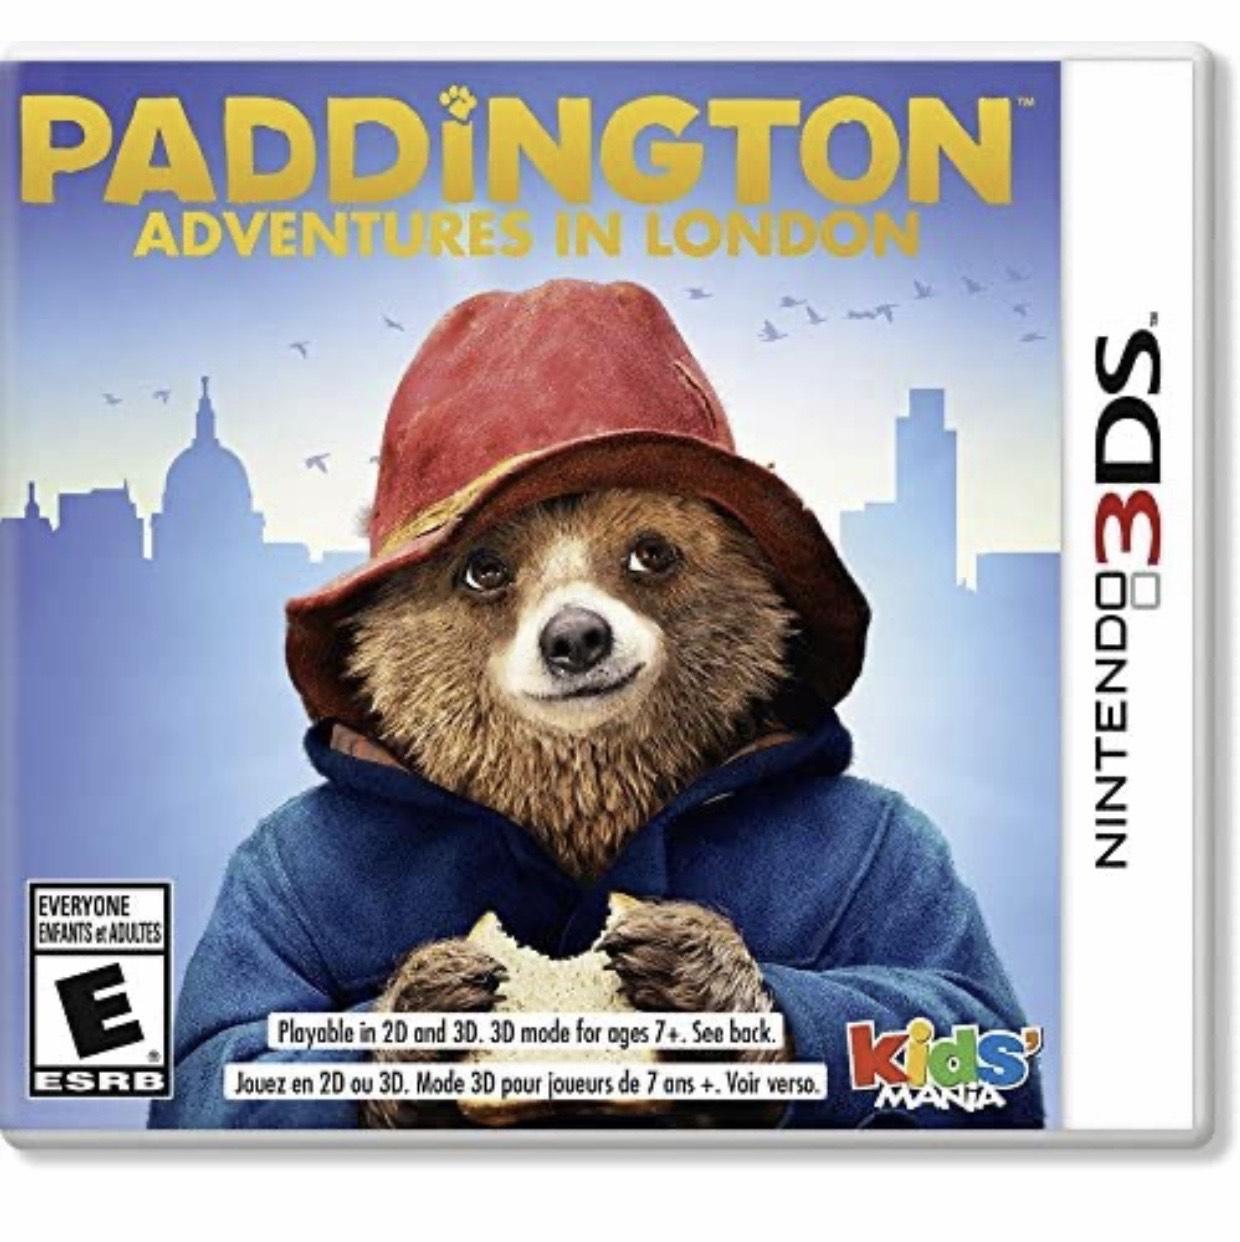 Amazon: Oferta por tiempo limitado: Paddington Bear - Nintendo 3DS - Standard Edition